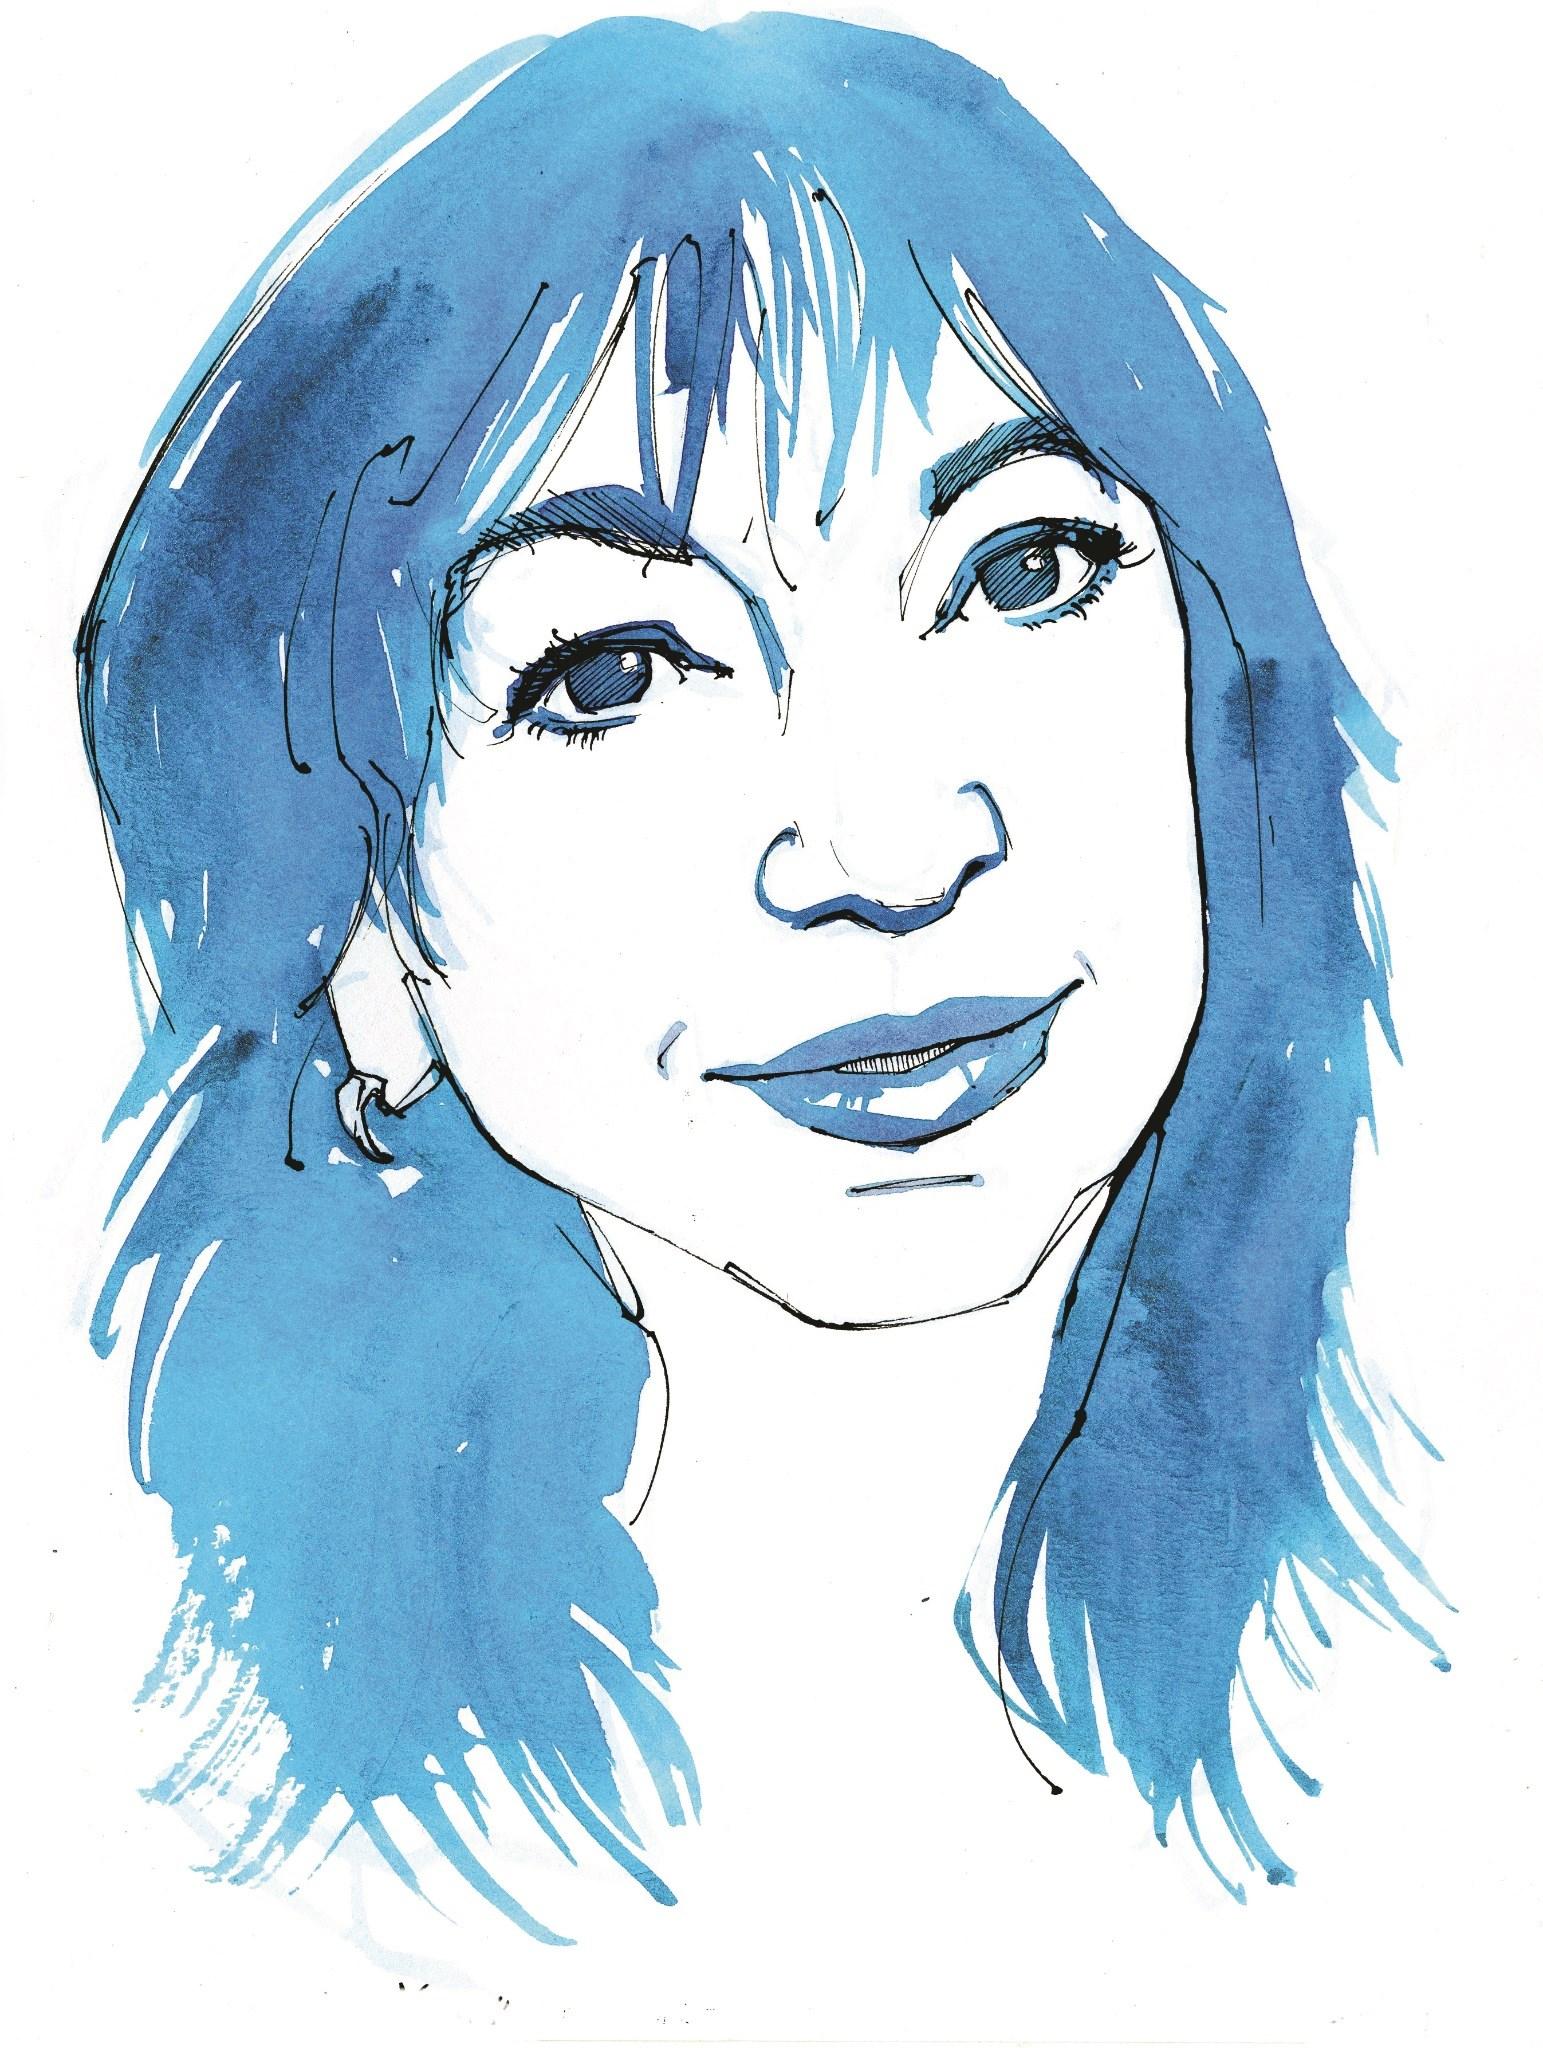 Jane Sarasohn-Kahn